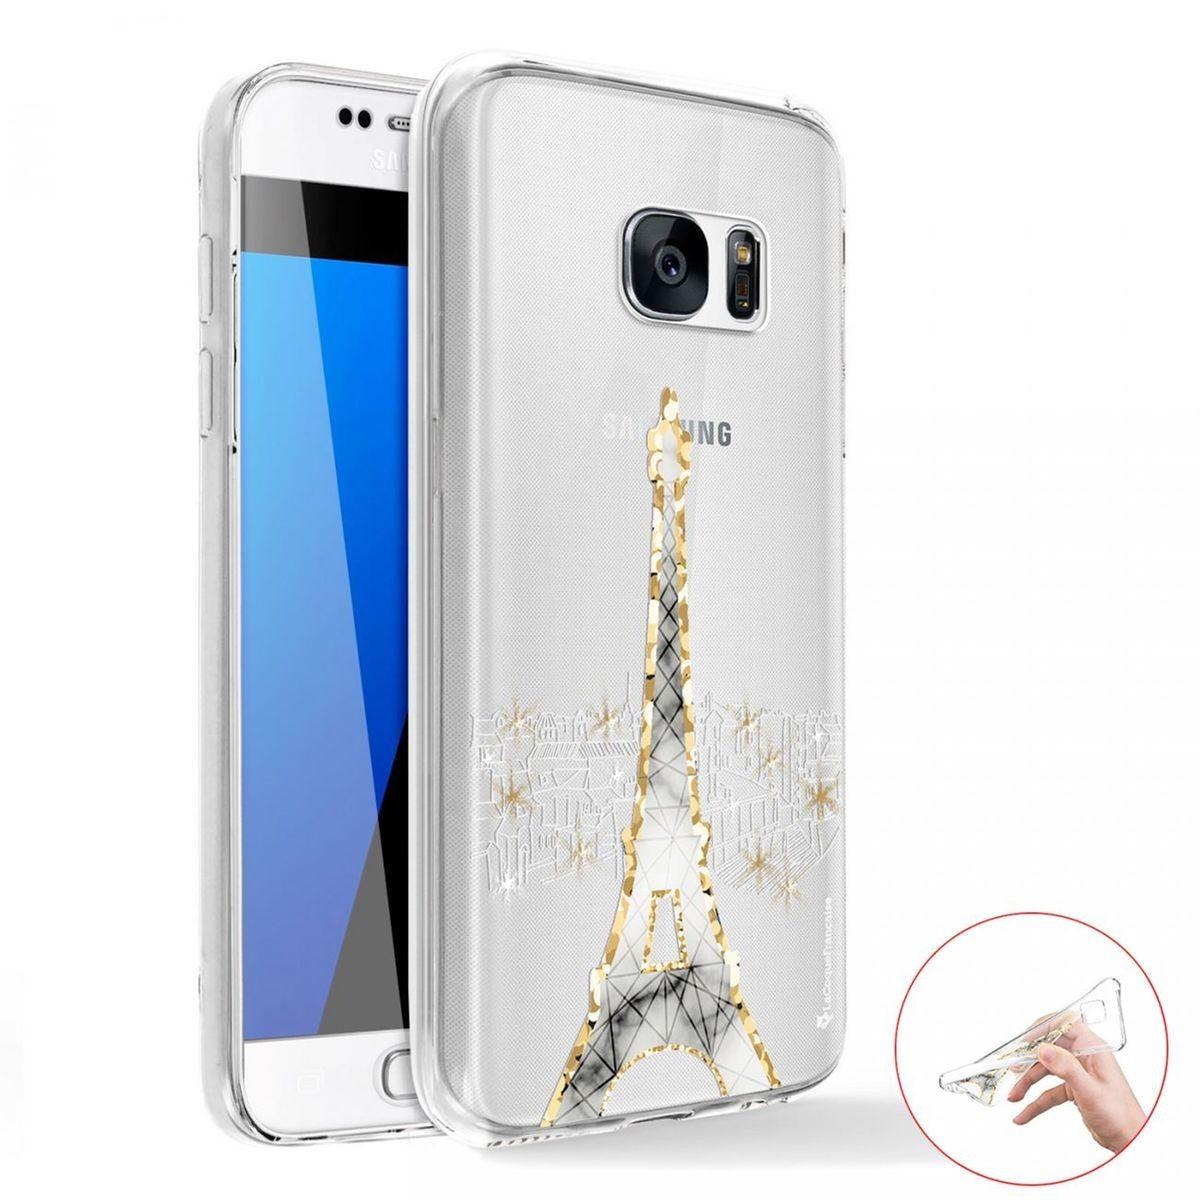 Coque Samsung Galaxy S7 360 intégrale avant arrière transparente ...